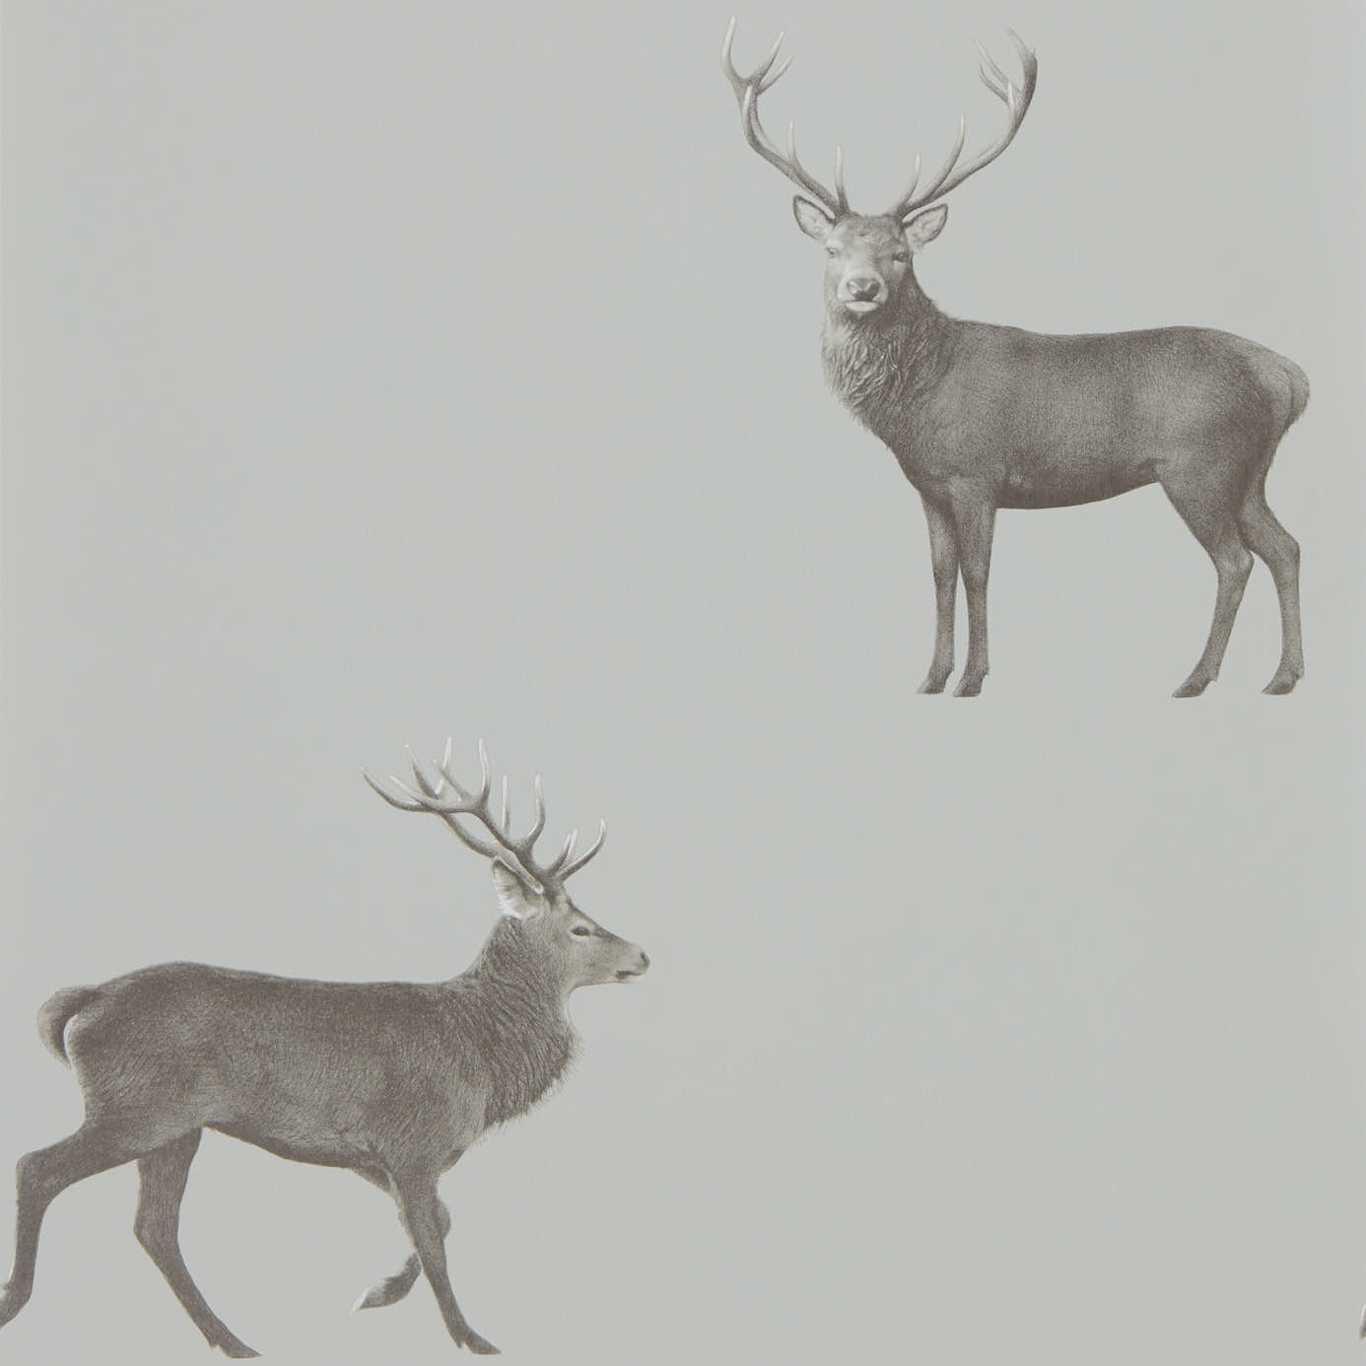 Evesham Deer by SAN